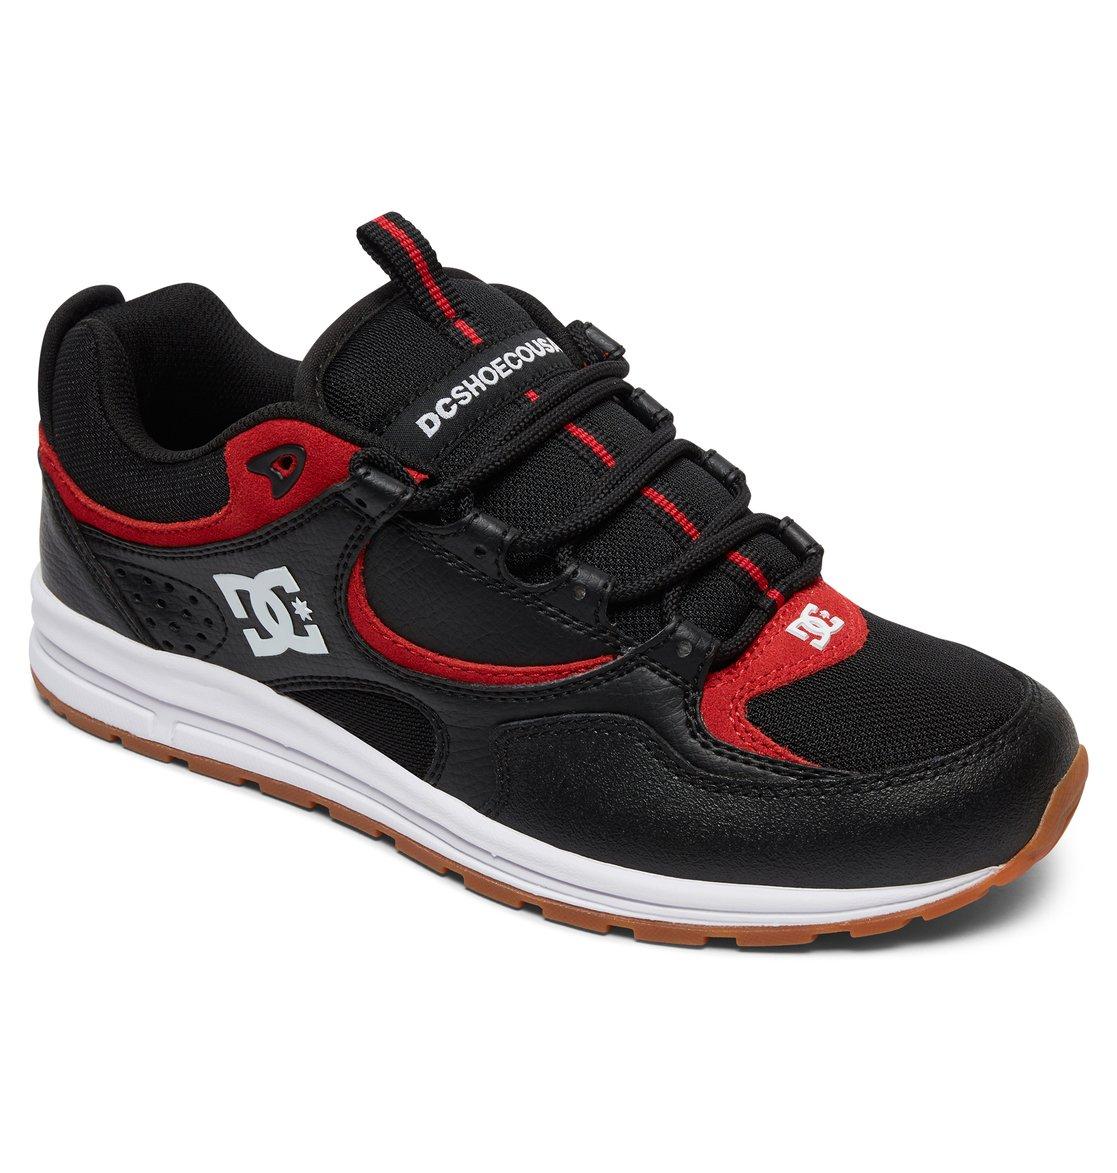 dc shoes Kalis Lite - Scarpe da Uomo - White - DC Shoes